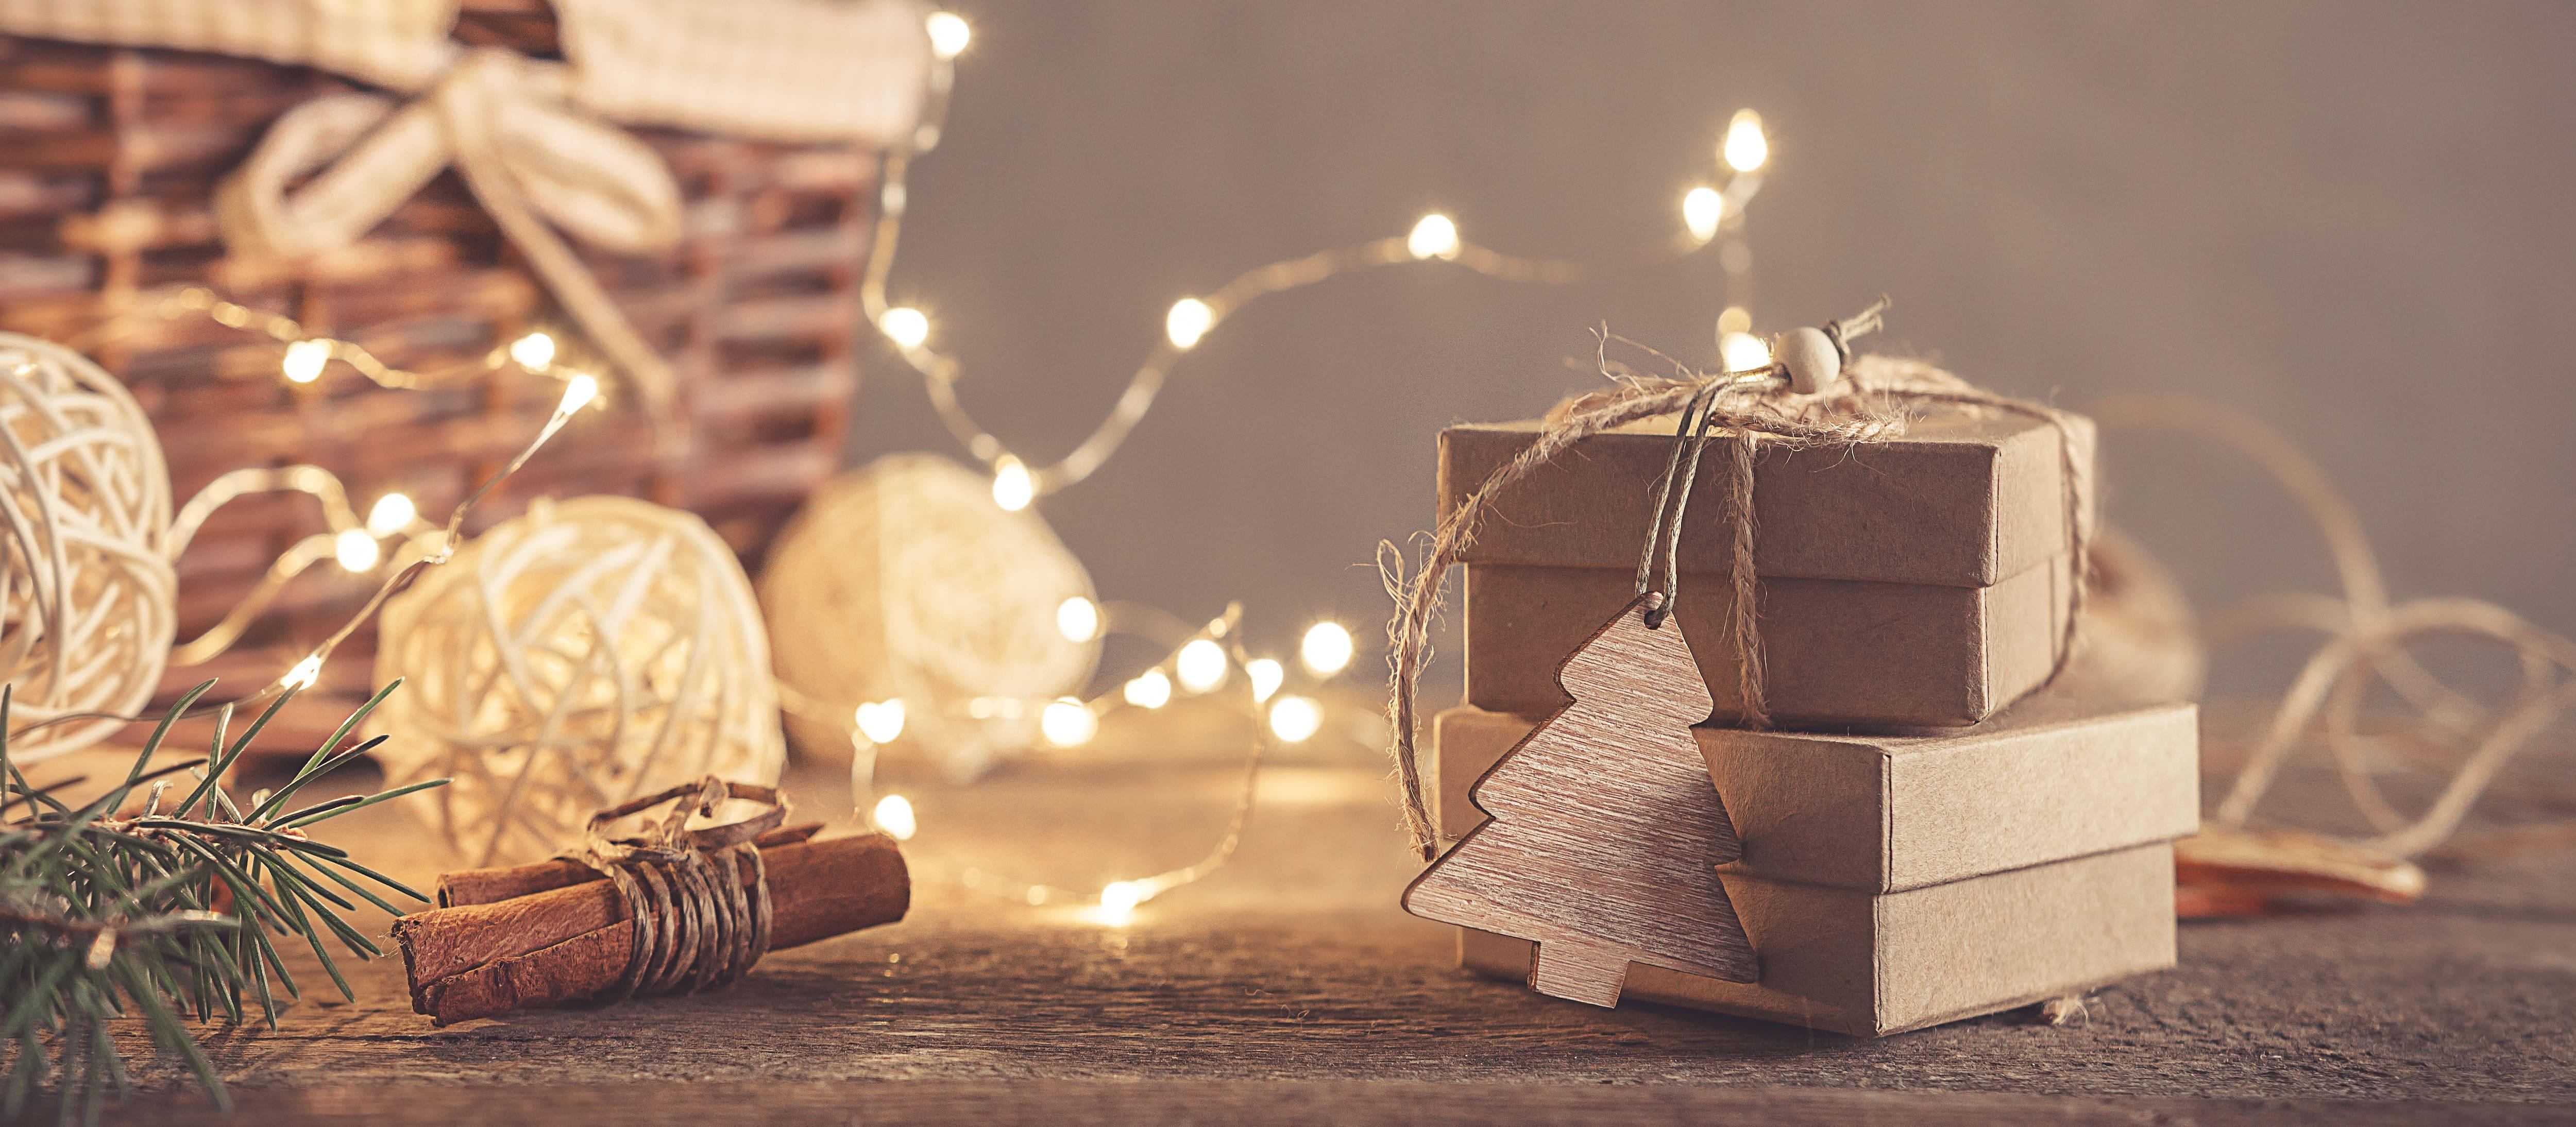 Image principale de l'article Dossier de Noël